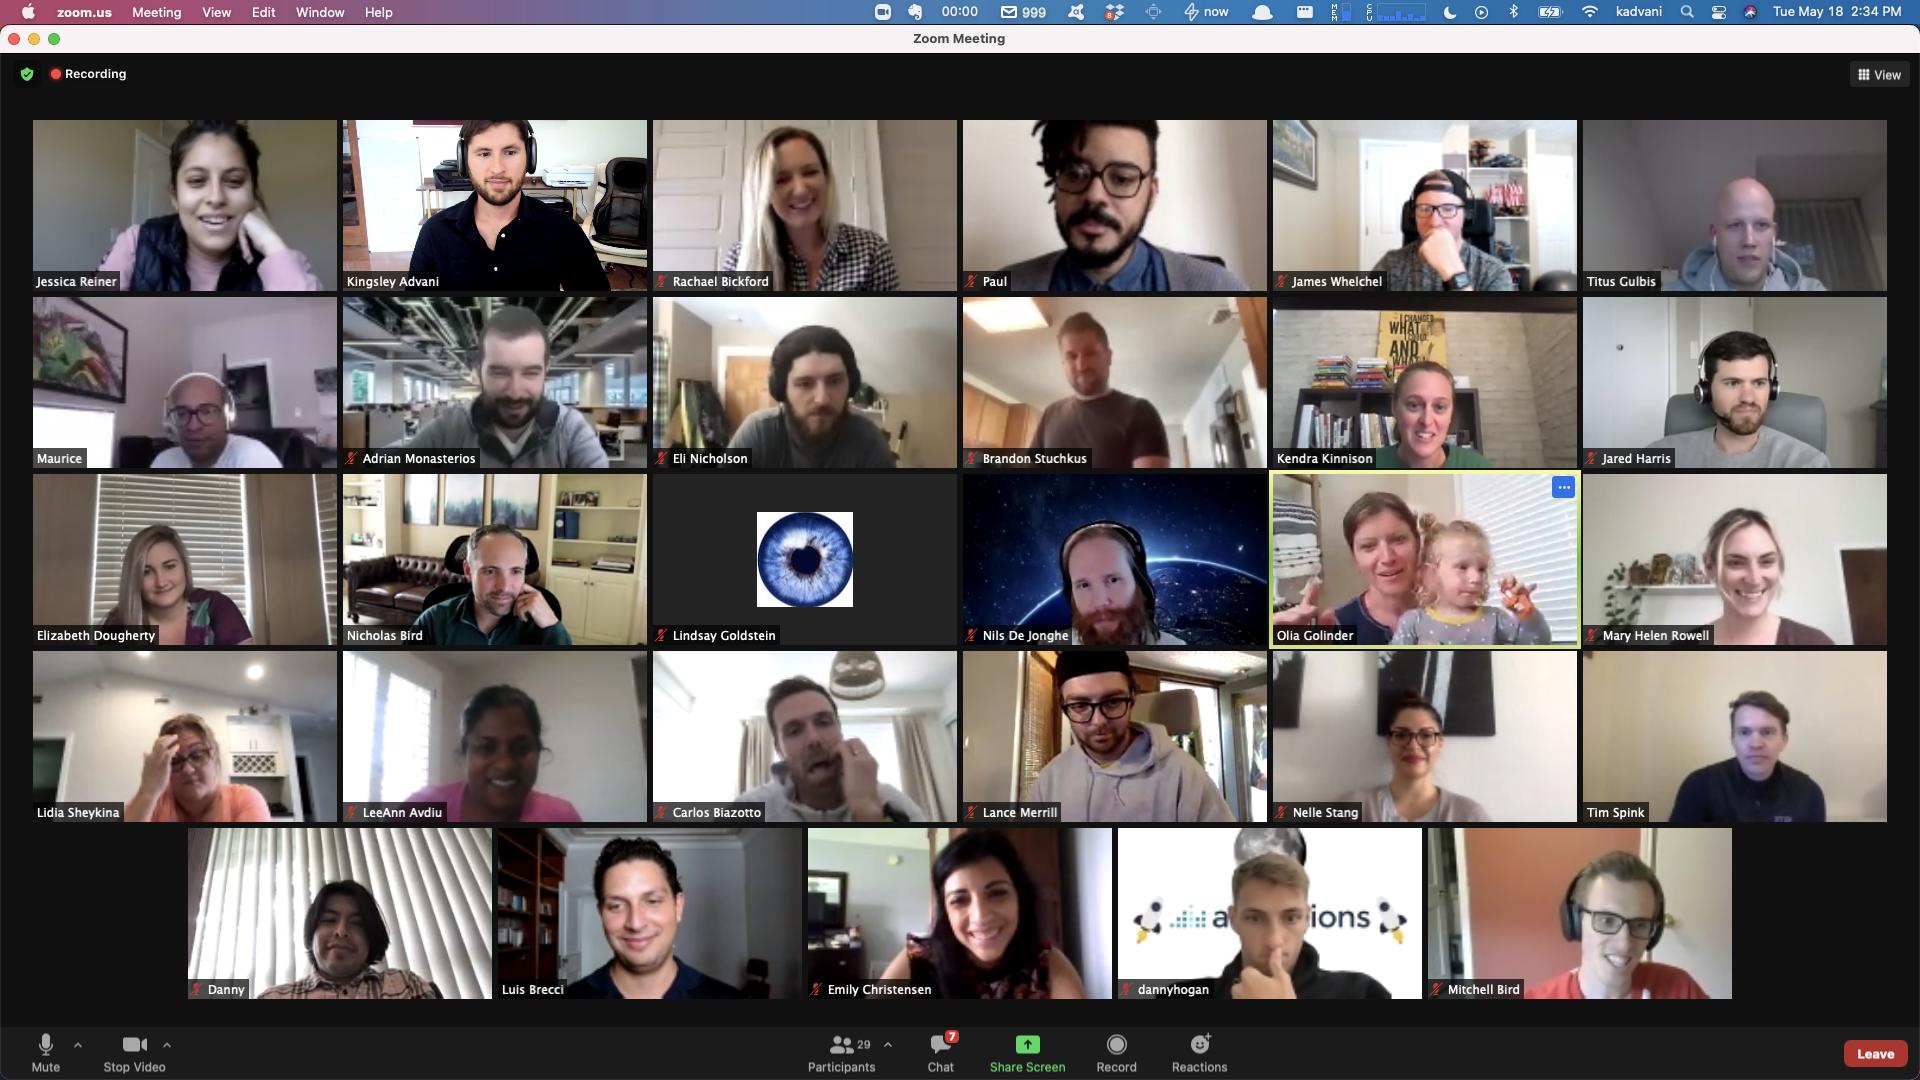 Image Team Zoom Meeting